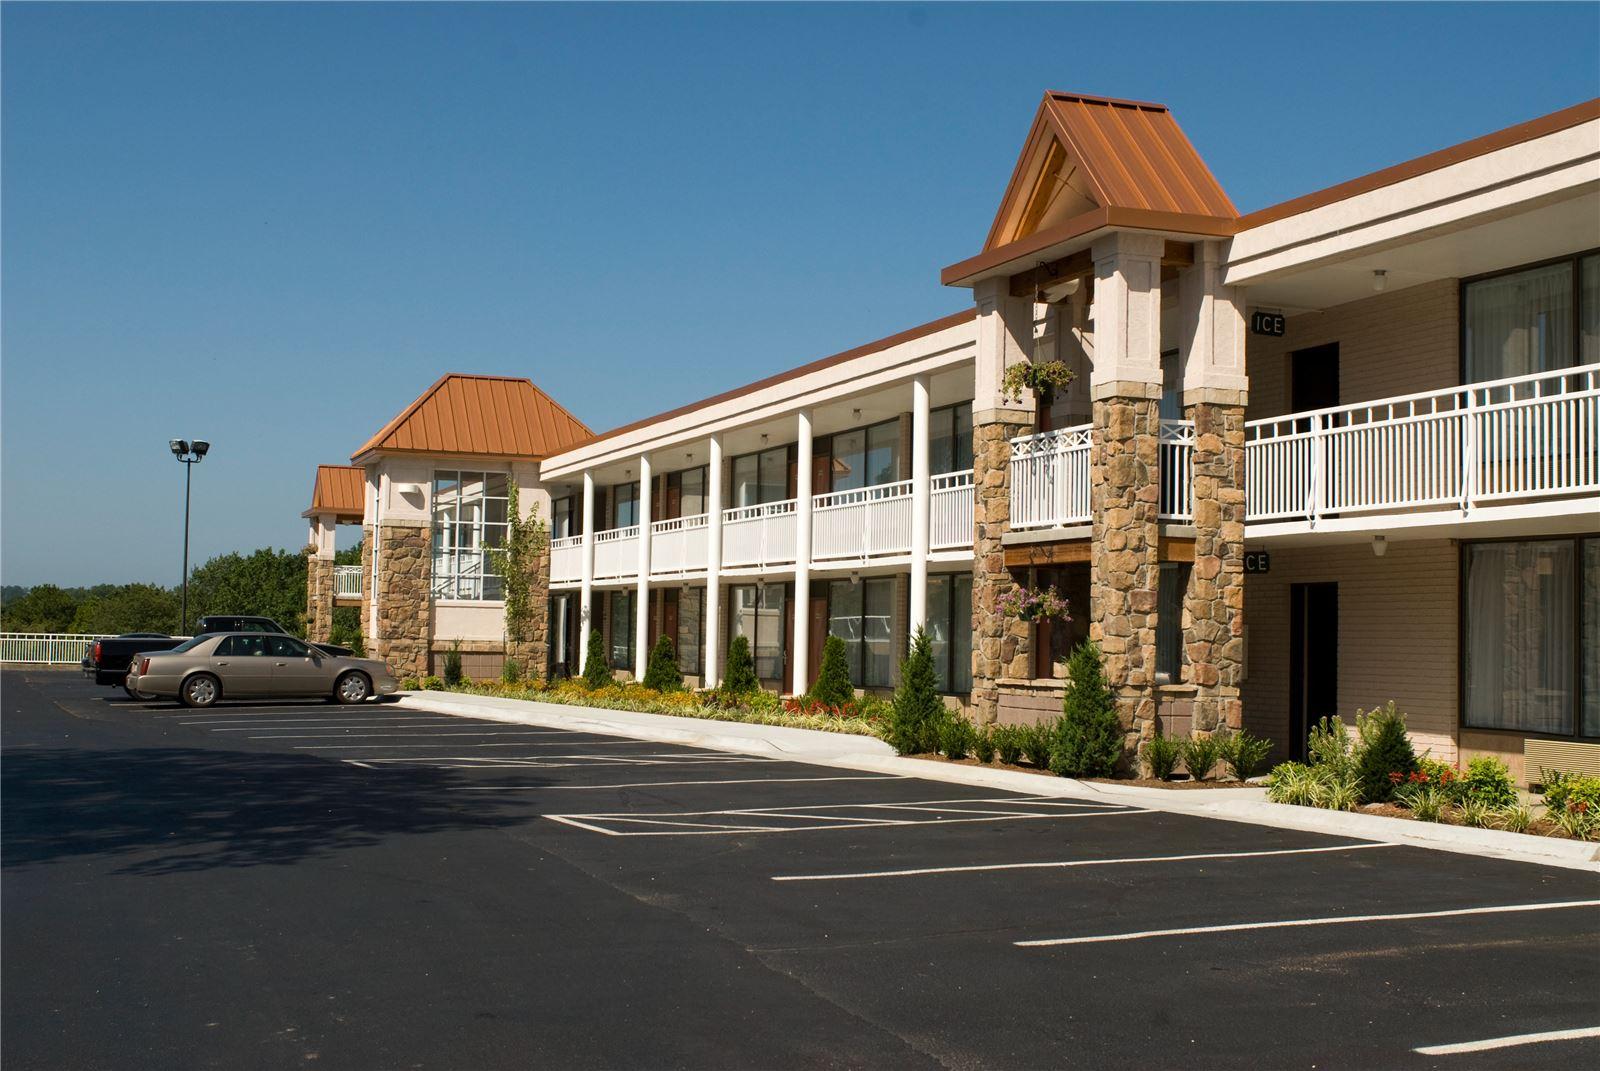 Best Western Inn of the Ozarks - Eureka Springs, AR